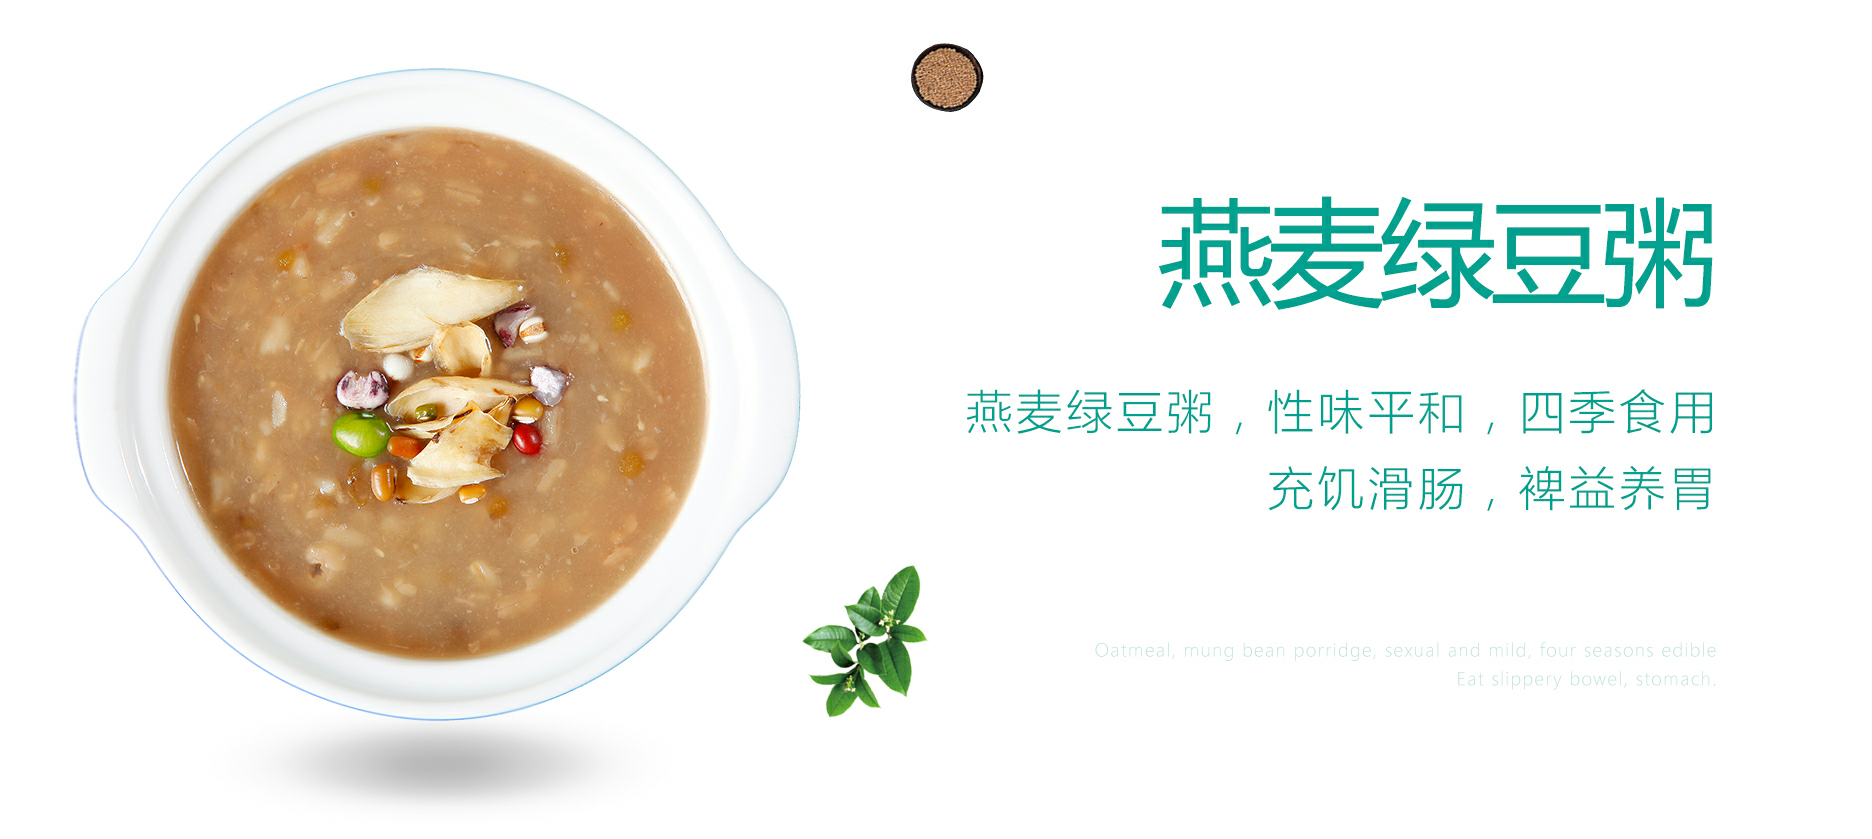 燕麦禄豆粥